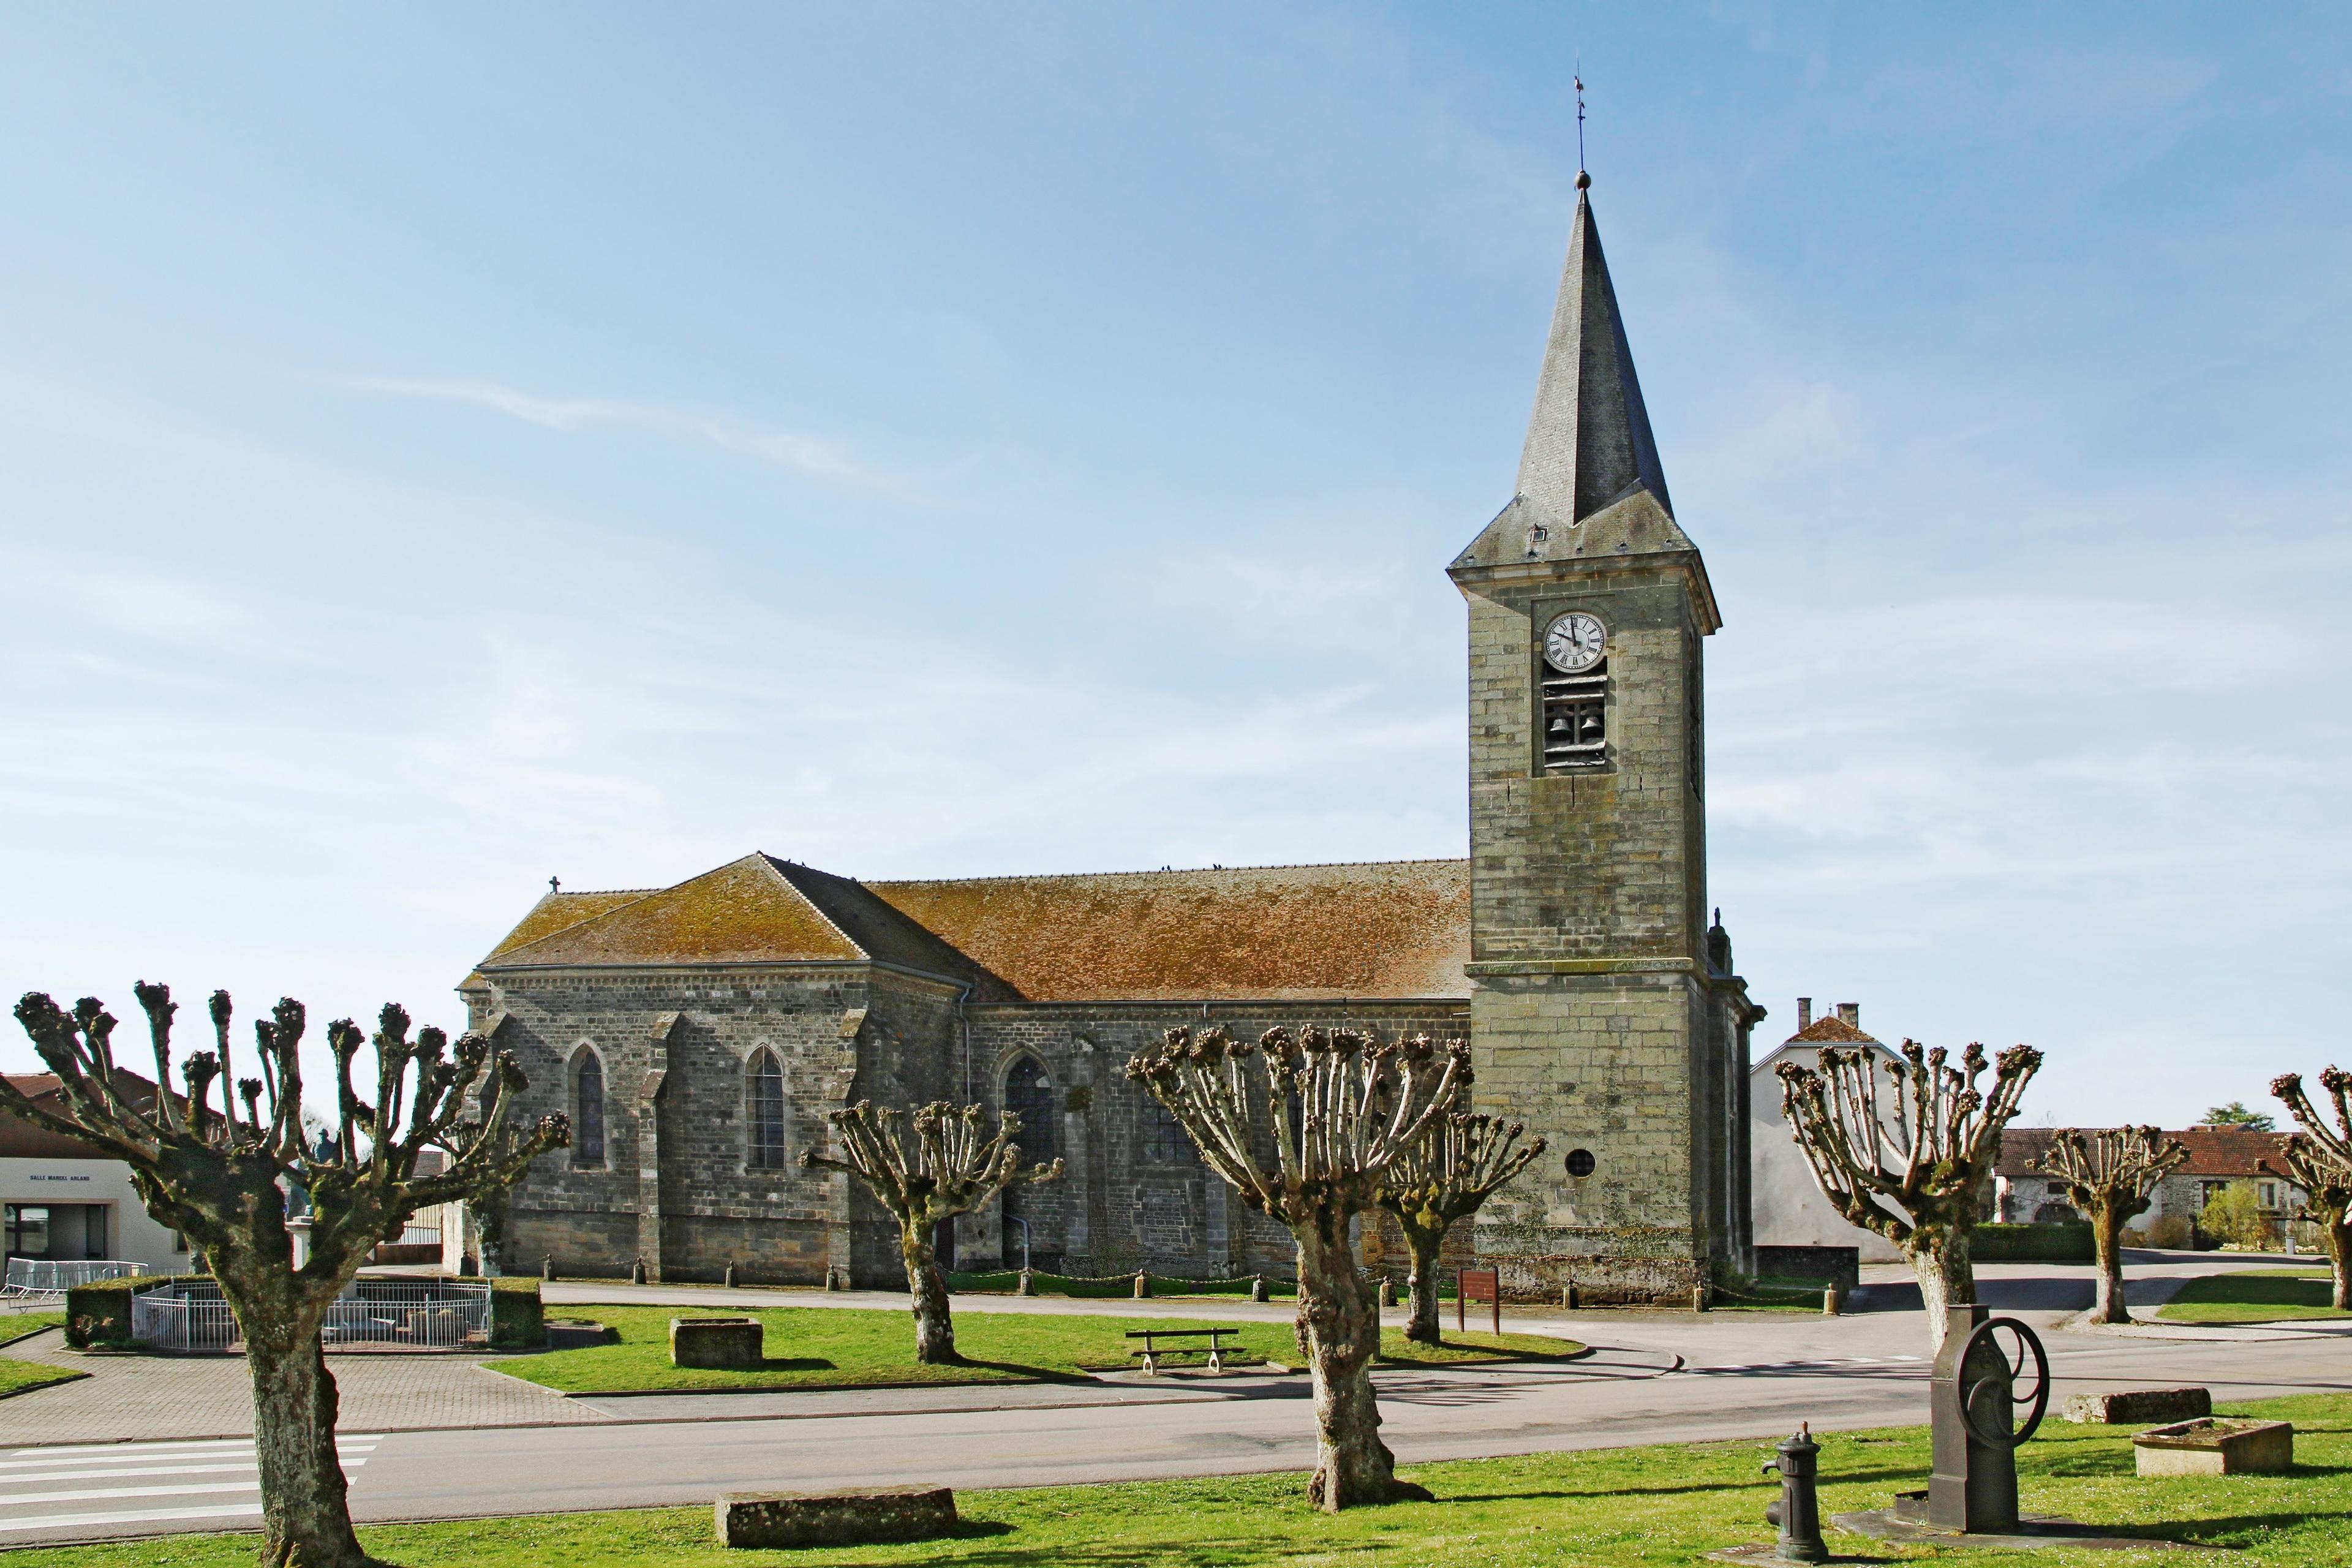 Pays de Chalindrey, Haute-Marne, France